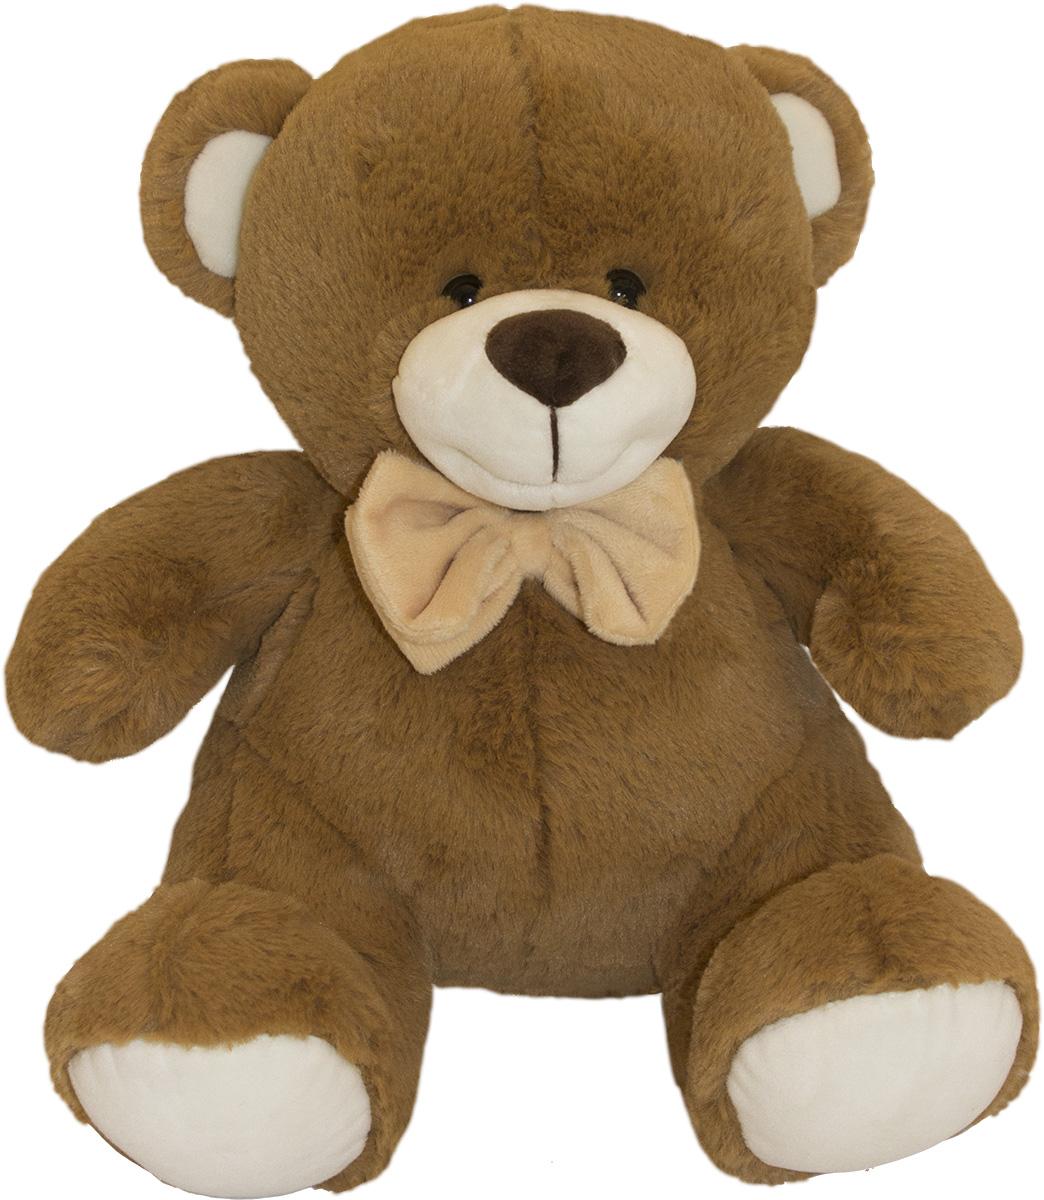 картинка мягкая игрушка медведь вкусный, мягкий нежный